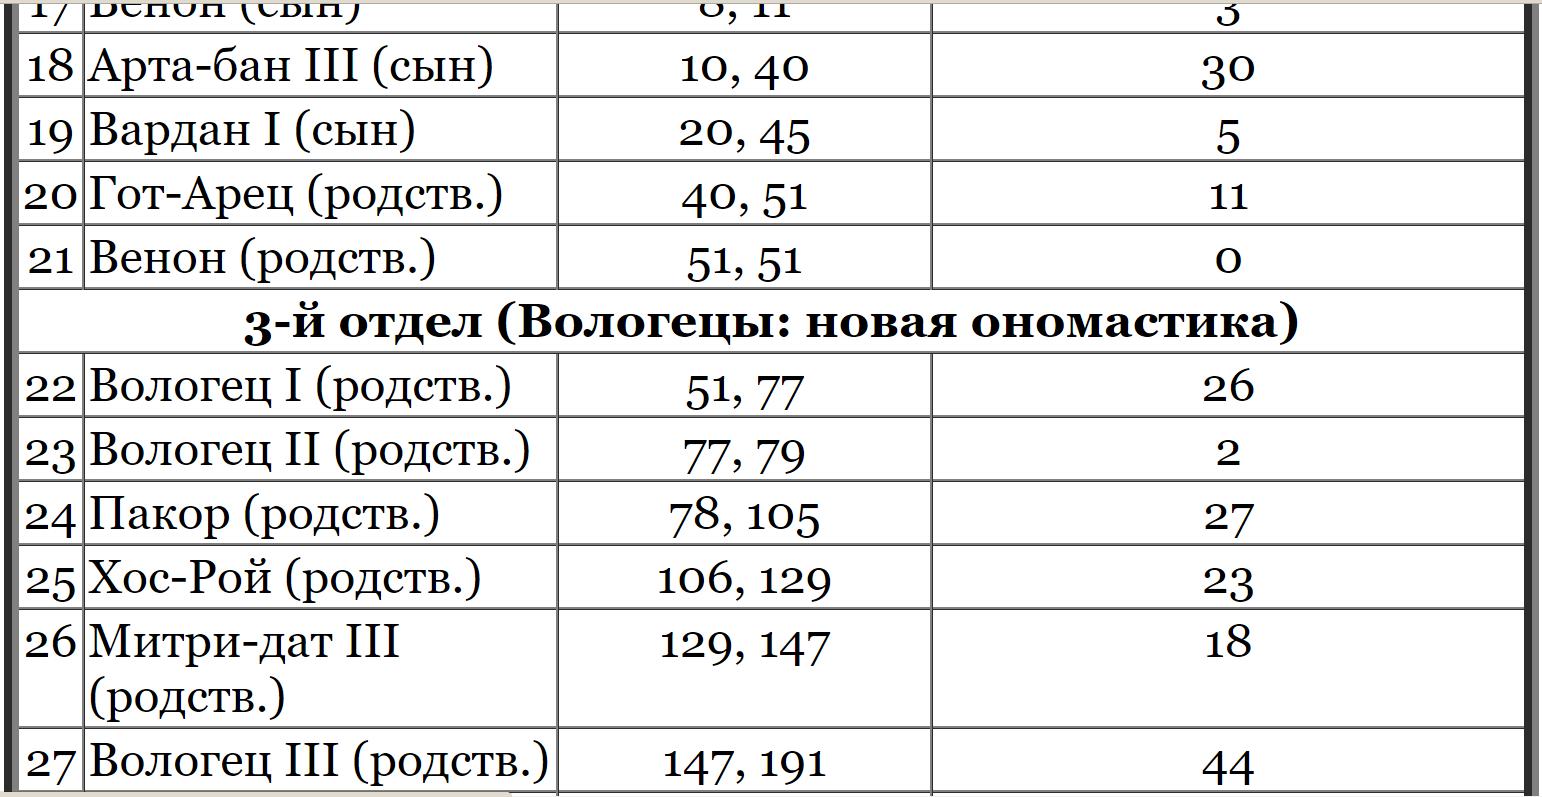 http://s3.uploads.ru/502Fi.png